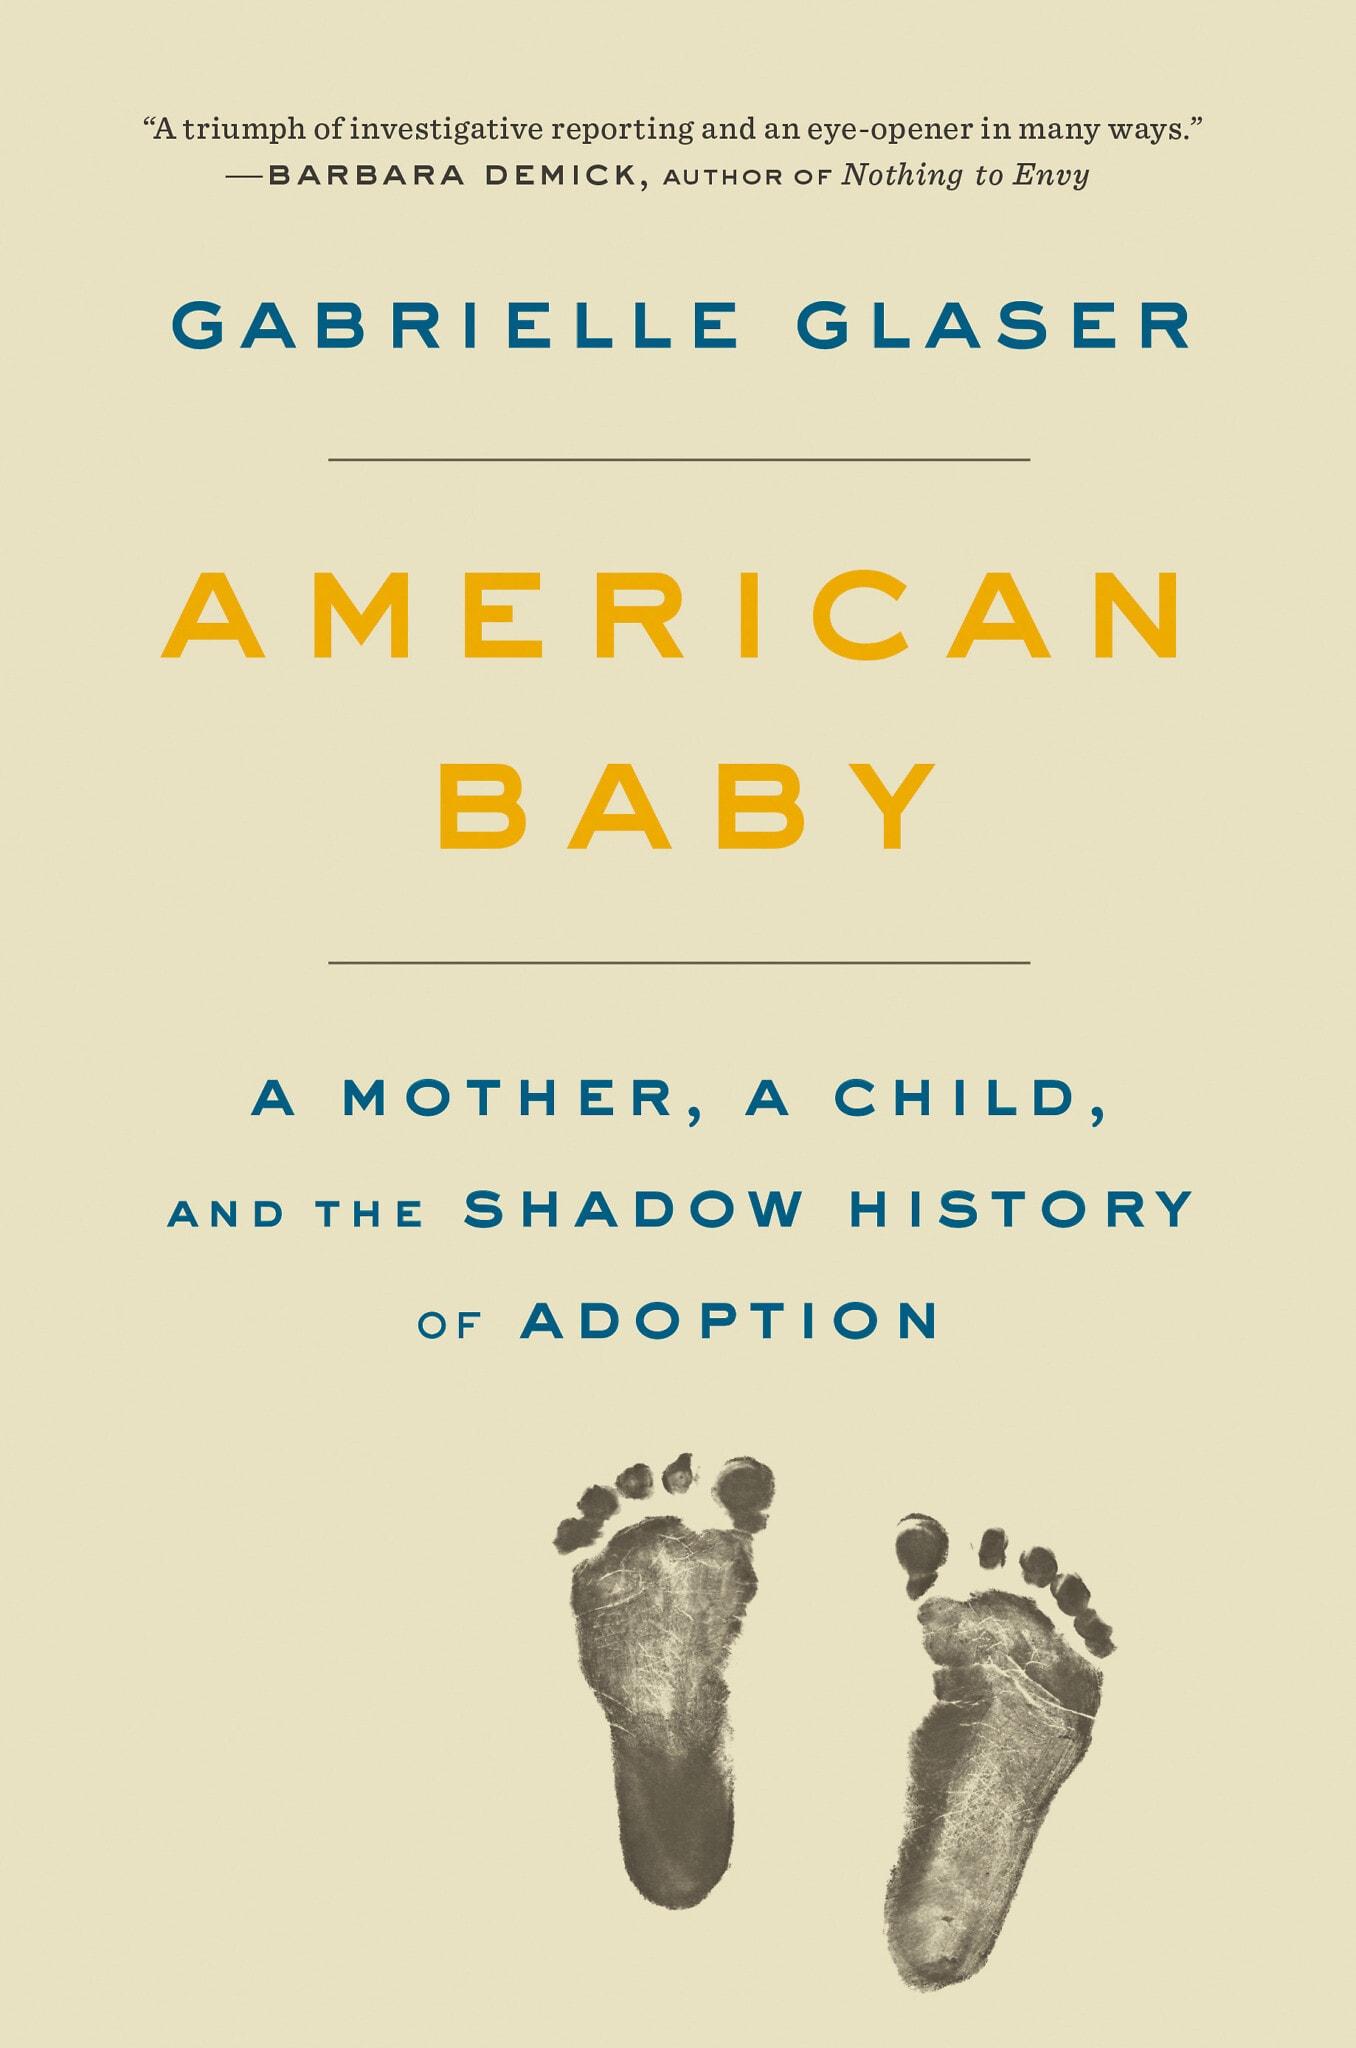 עטיפת הספר American Baby מאת גבריאל גלזר